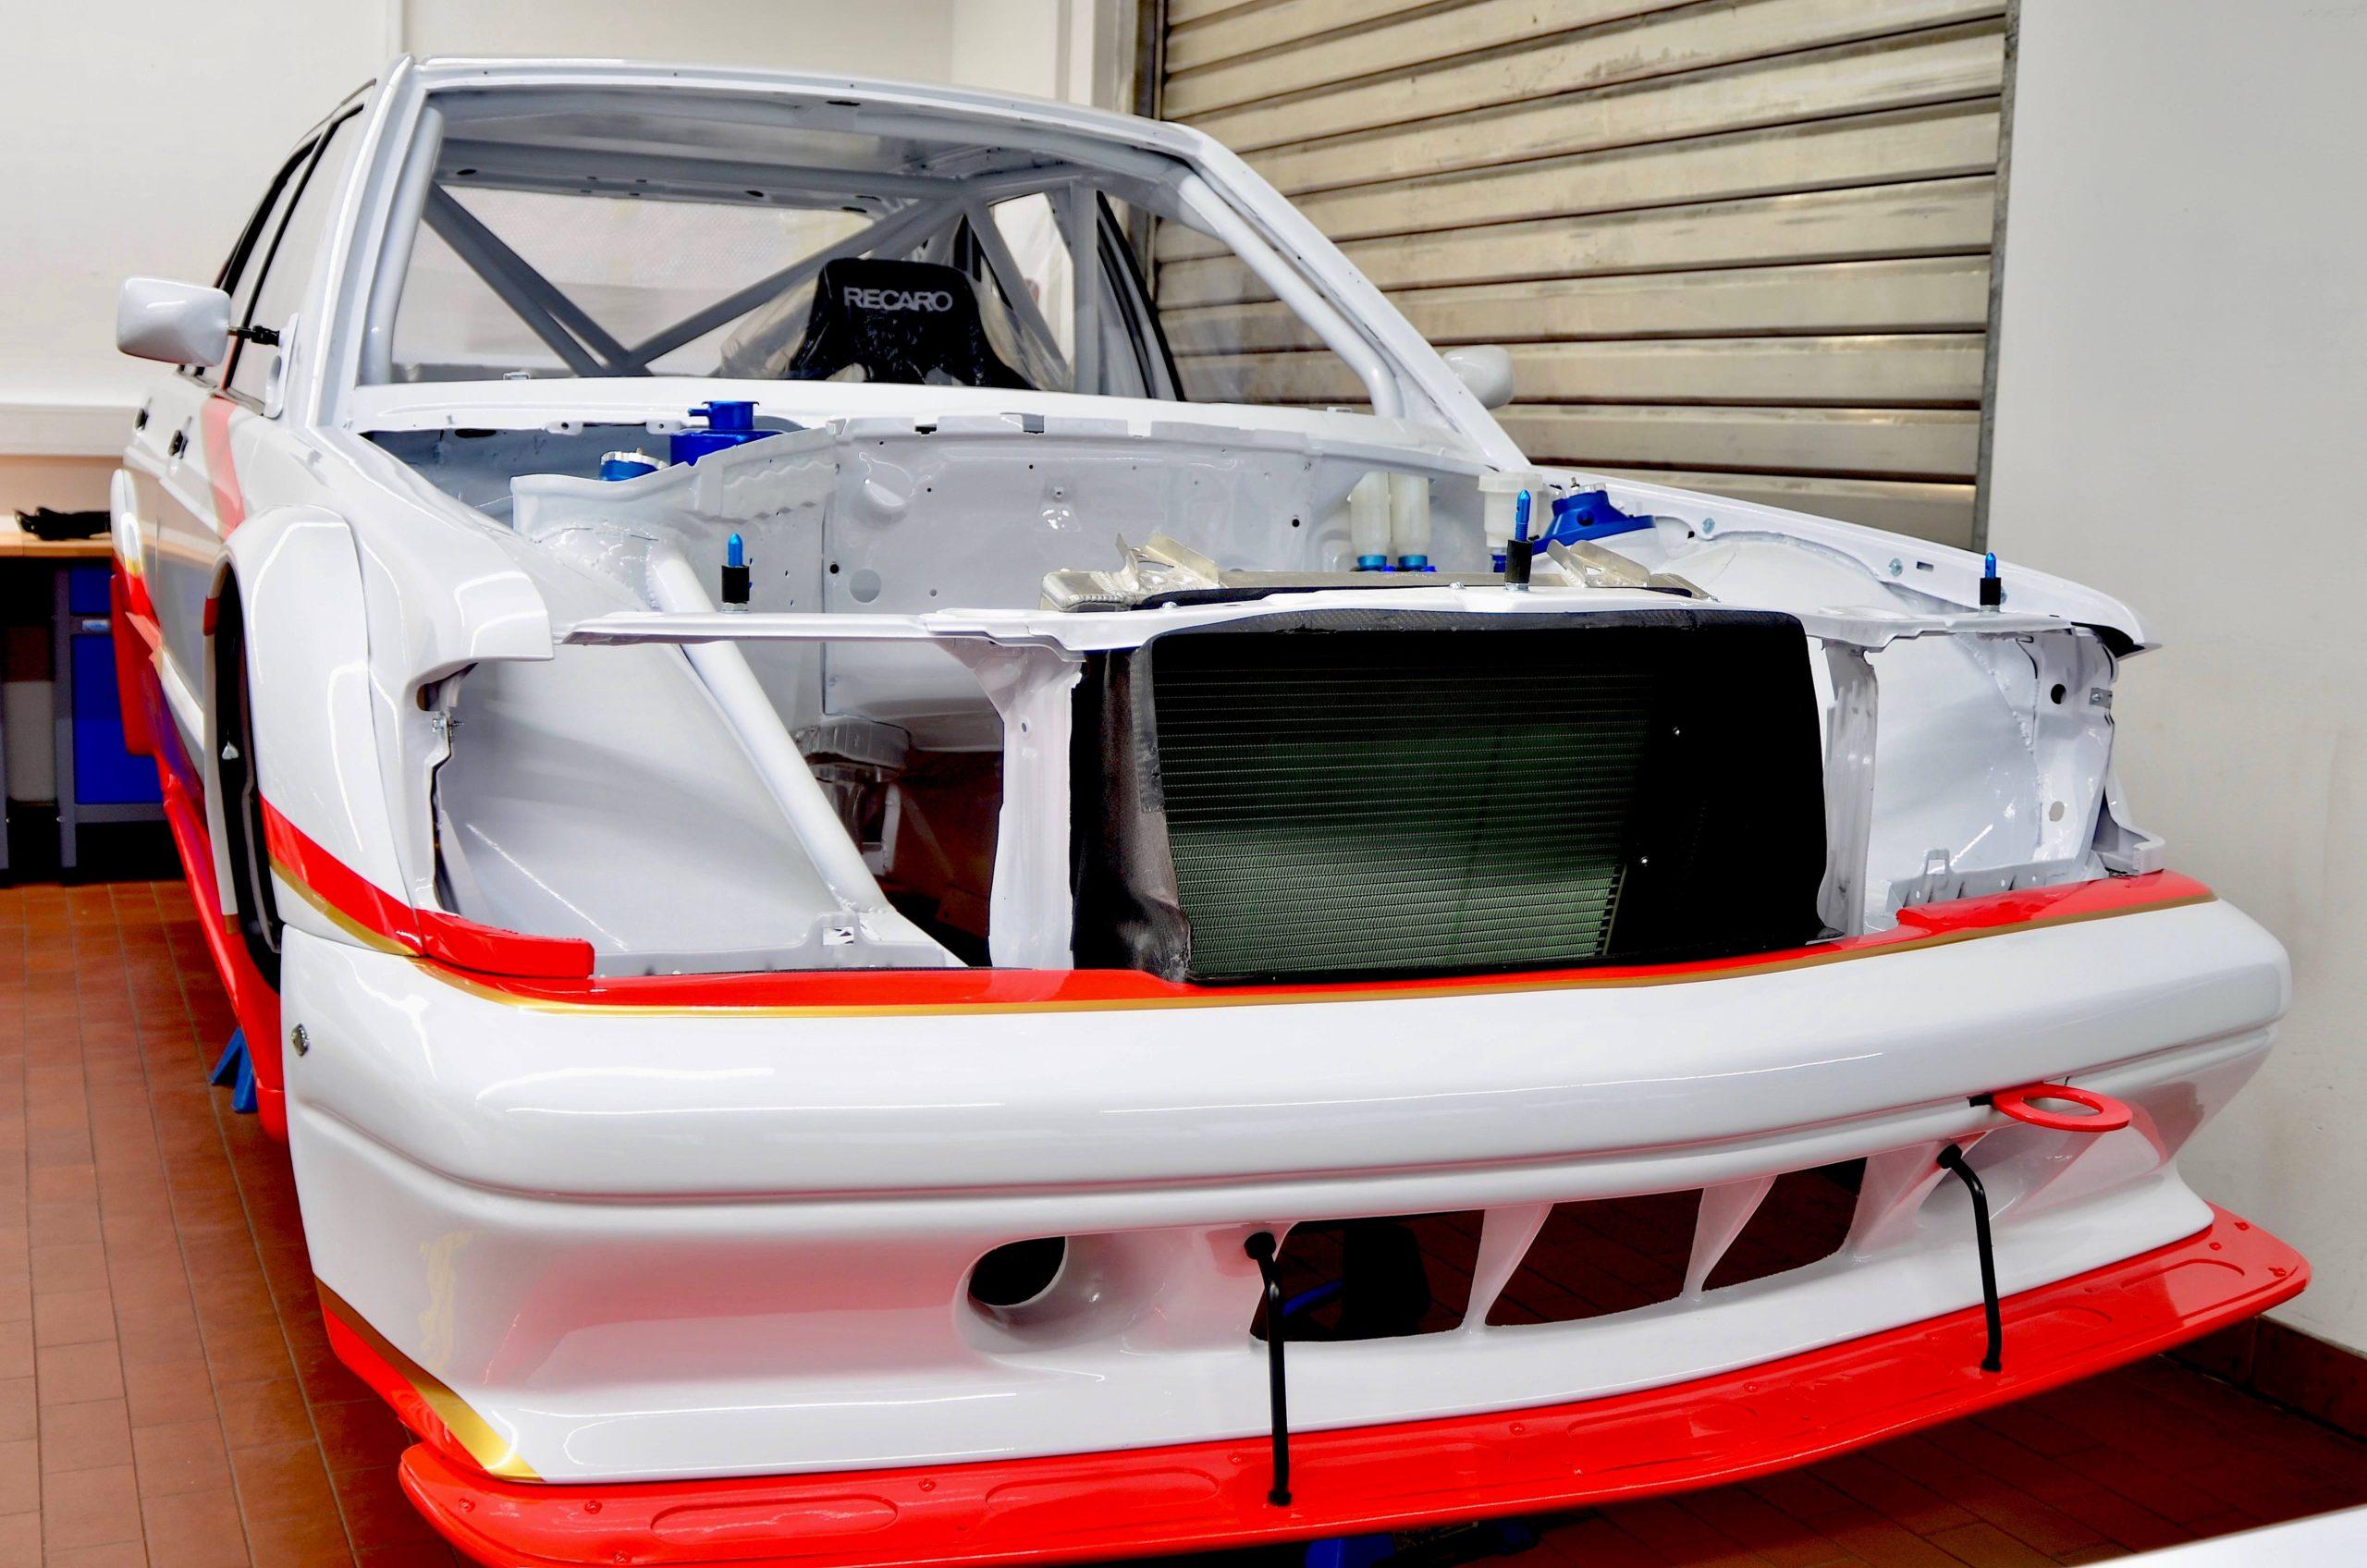 Ein wüster Plan: weitgehende Reproduktion des 1991er AMG-Mercedes-Benz 190 E 2.5-16 in Weiß, Rot und Gold für den Niederländer Marcel Wüst.